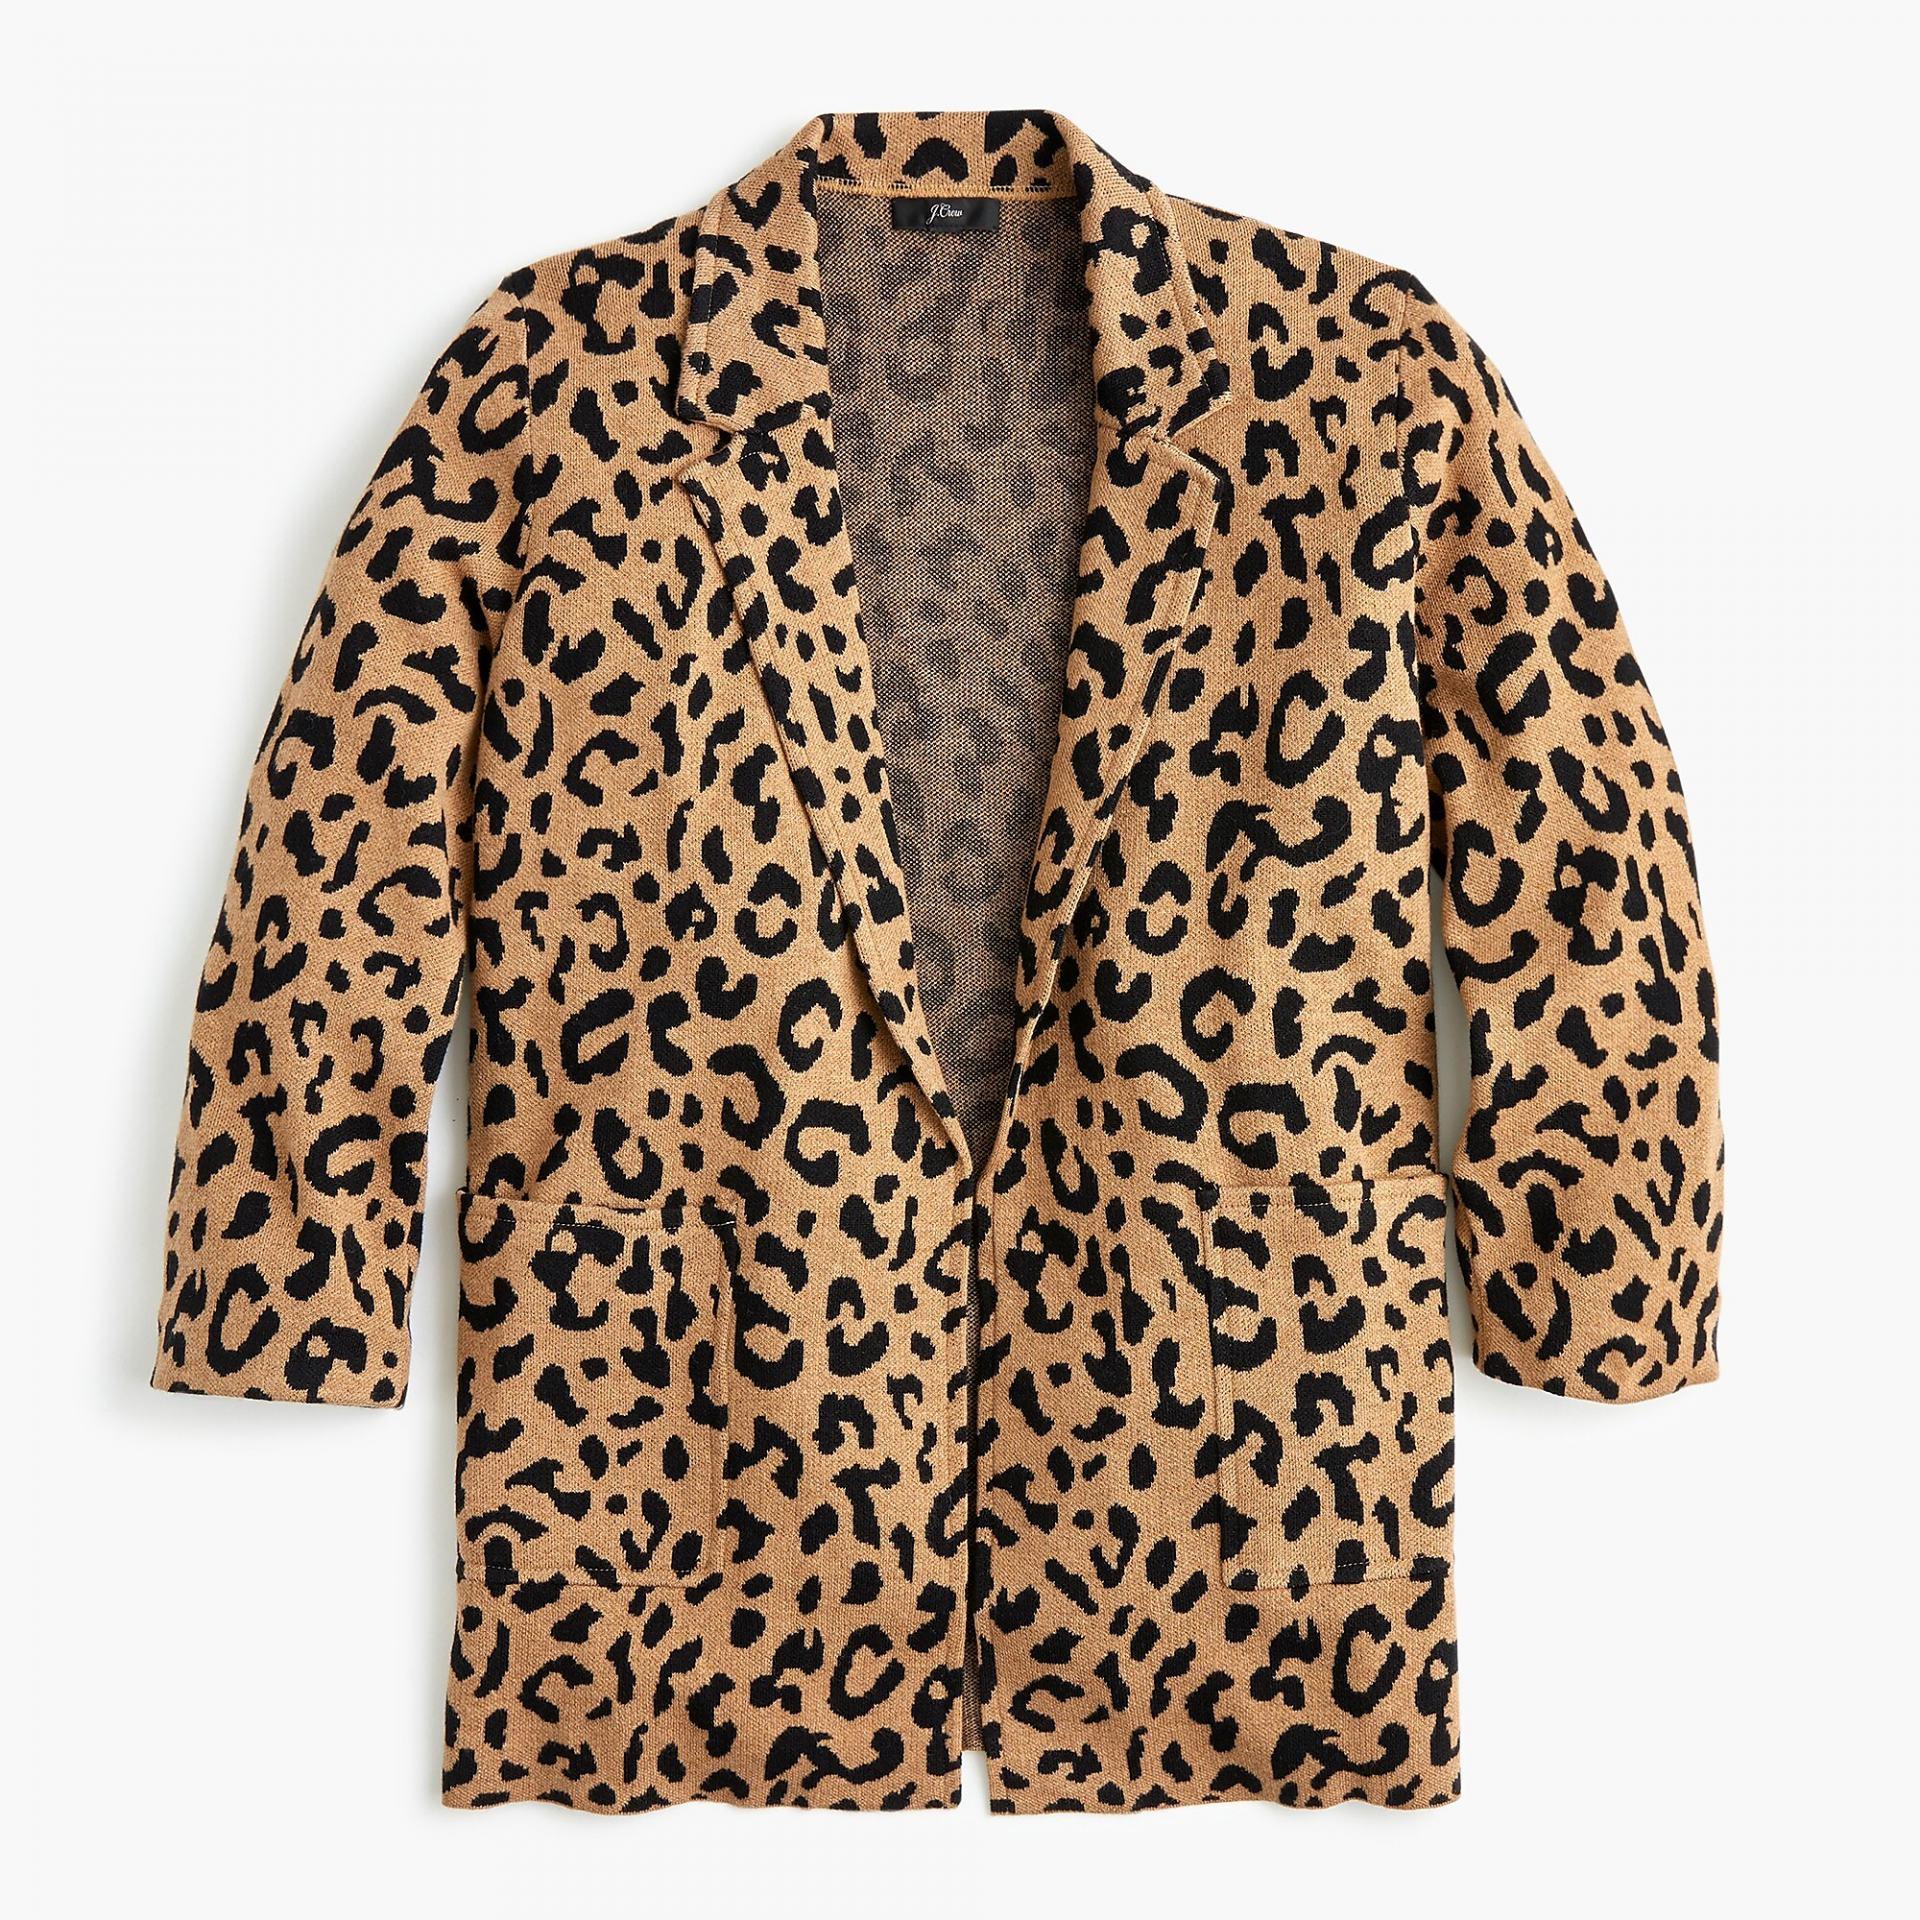 leopard sweater blazer - jcrew sweater blazer - fall must haves - leopard print sweater